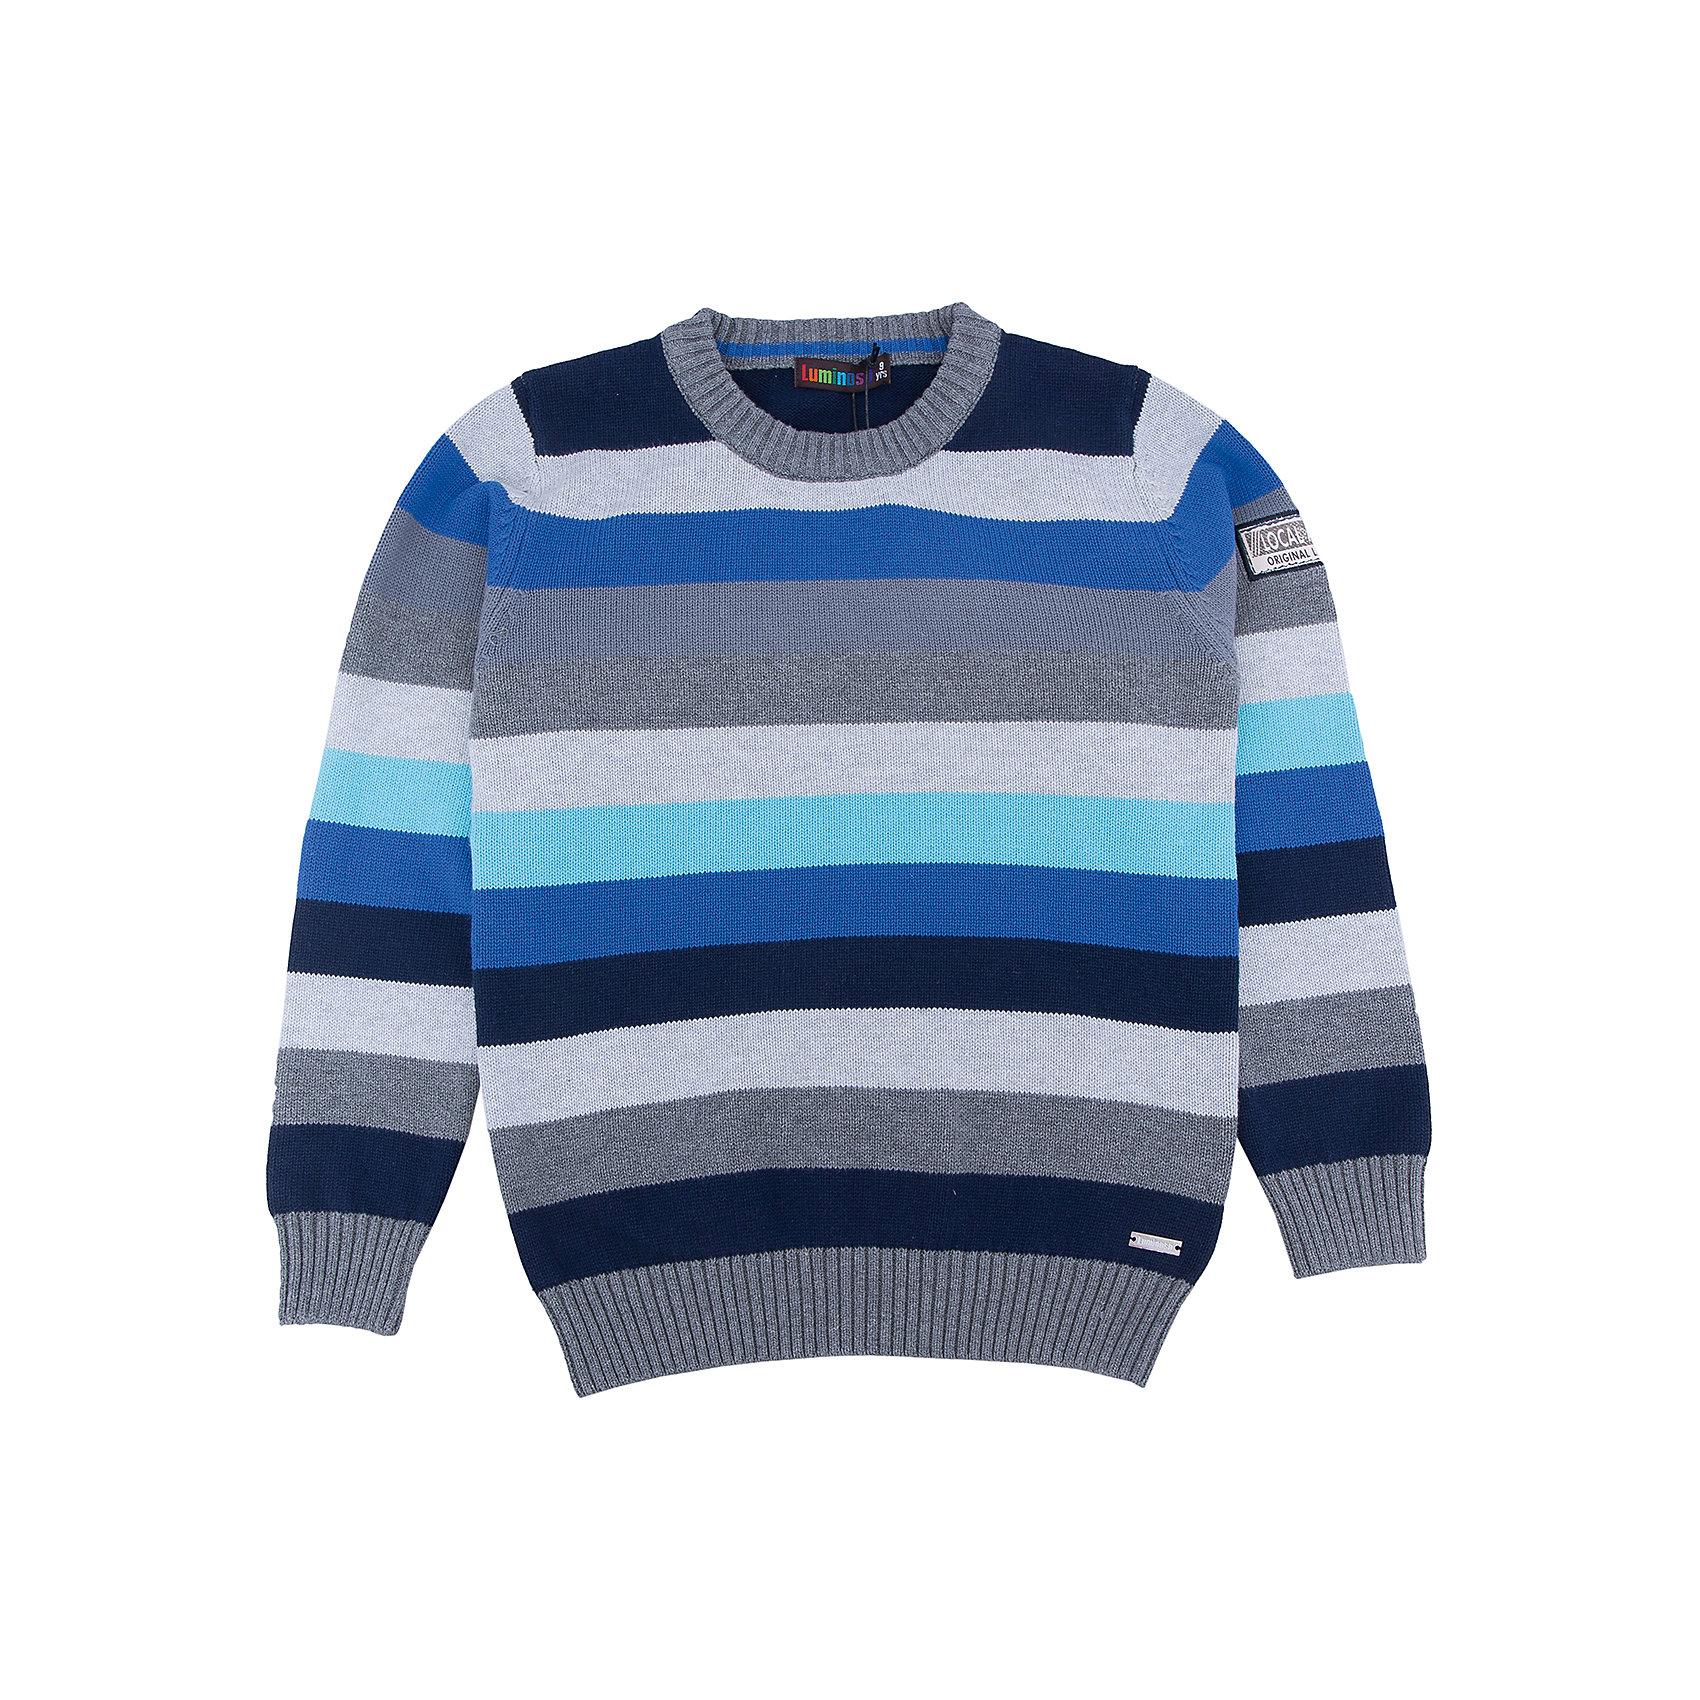 Свитер для мальчика LuminosoСвитера и кардиганы<br>Характеристики товара:<br><br>- цвет: серый;<br>- материал: 100% хлопок;<br>- резинка по низу и на рукавах;<br>- длинный рукав;<br>- в полоску;<br>- рукава реглан.<br><br>Стильная одежда от бренда Luminoso (Люминосо), созданная при участии итальянских дизайнеров, учитывает потребности подростков и последние веяния моды. Она удобная и модная.<br>Этот стильный свитер идеален для прохладной погоды. Он хорошо сидит на ребенке, обеспечивает комфорт и отлично сочетается с одежной разных стилей. Модель отличается высоким качеством материала и продуманным дизайном.<br><br>Свитер для мальчика от бренда Luminoso (Люминосо) можно купить в нашем интернет-магазине.<br><br>Ширина мм: 190<br>Глубина мм: 74<br>Высота мм: 229<br>Вес г: 236<br>Цвет: серый<br>Возраст от месяцев: 144<br>Возраст до месяцев: 156<br>Пол: Мужской<br>Возраст: Детский<br>Размер: 158,164,134,140,146,152<br>SKU: 4930830